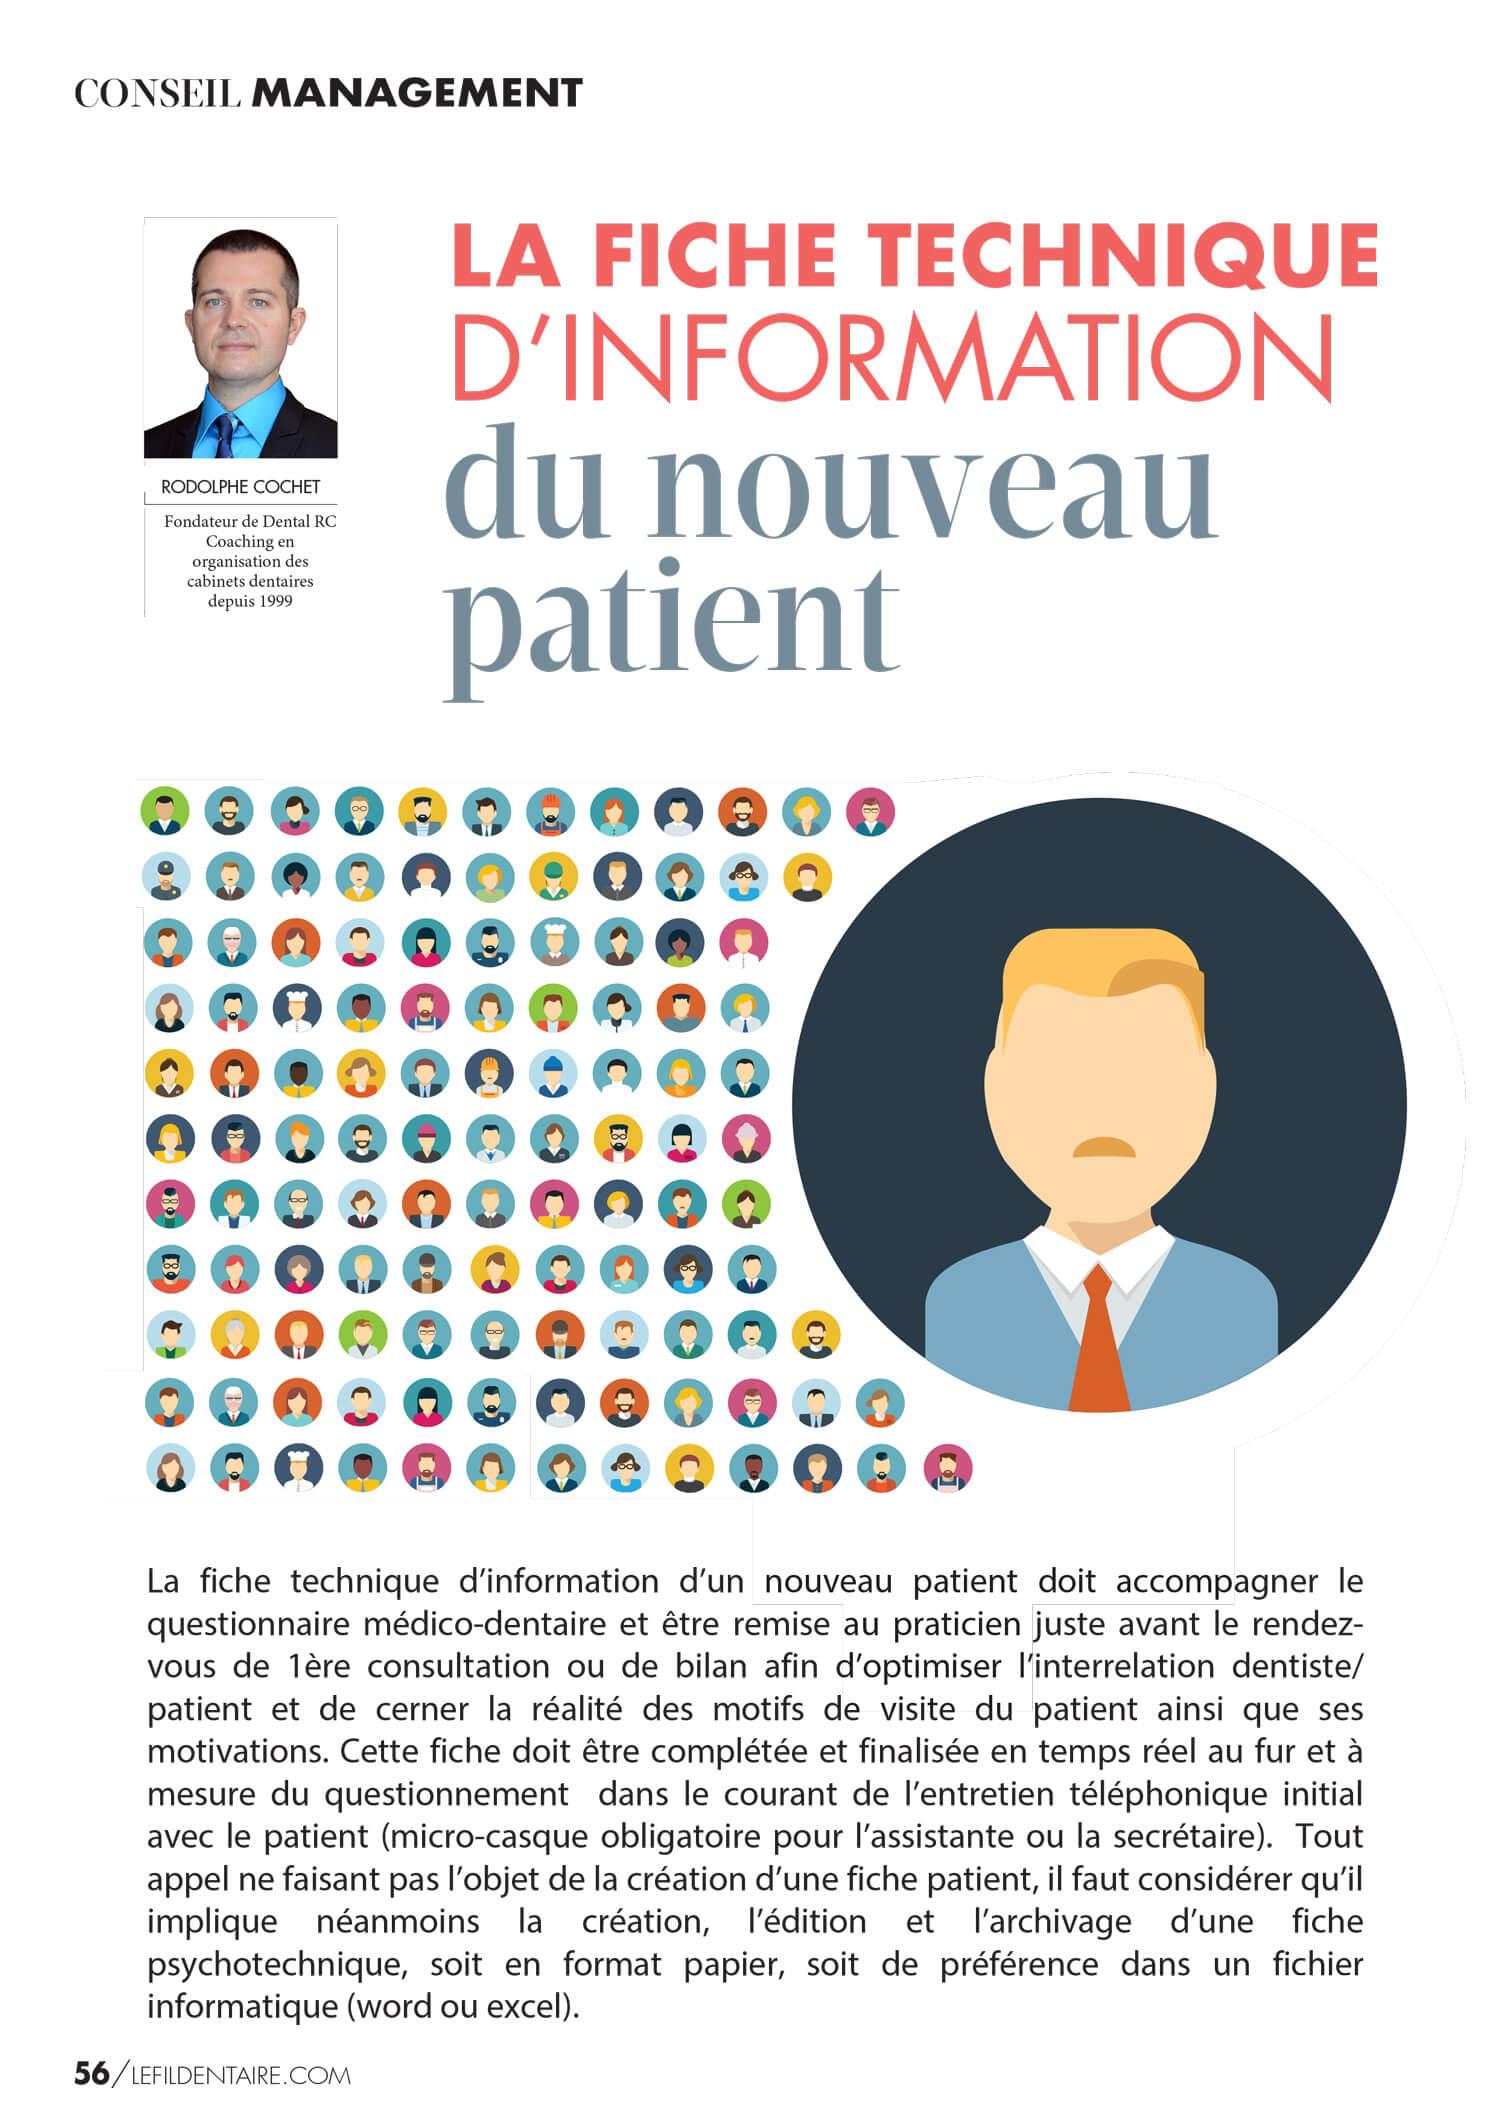 fiche-technique-information-patient-bilan-dentaire-rodolphe-cochet.jpg